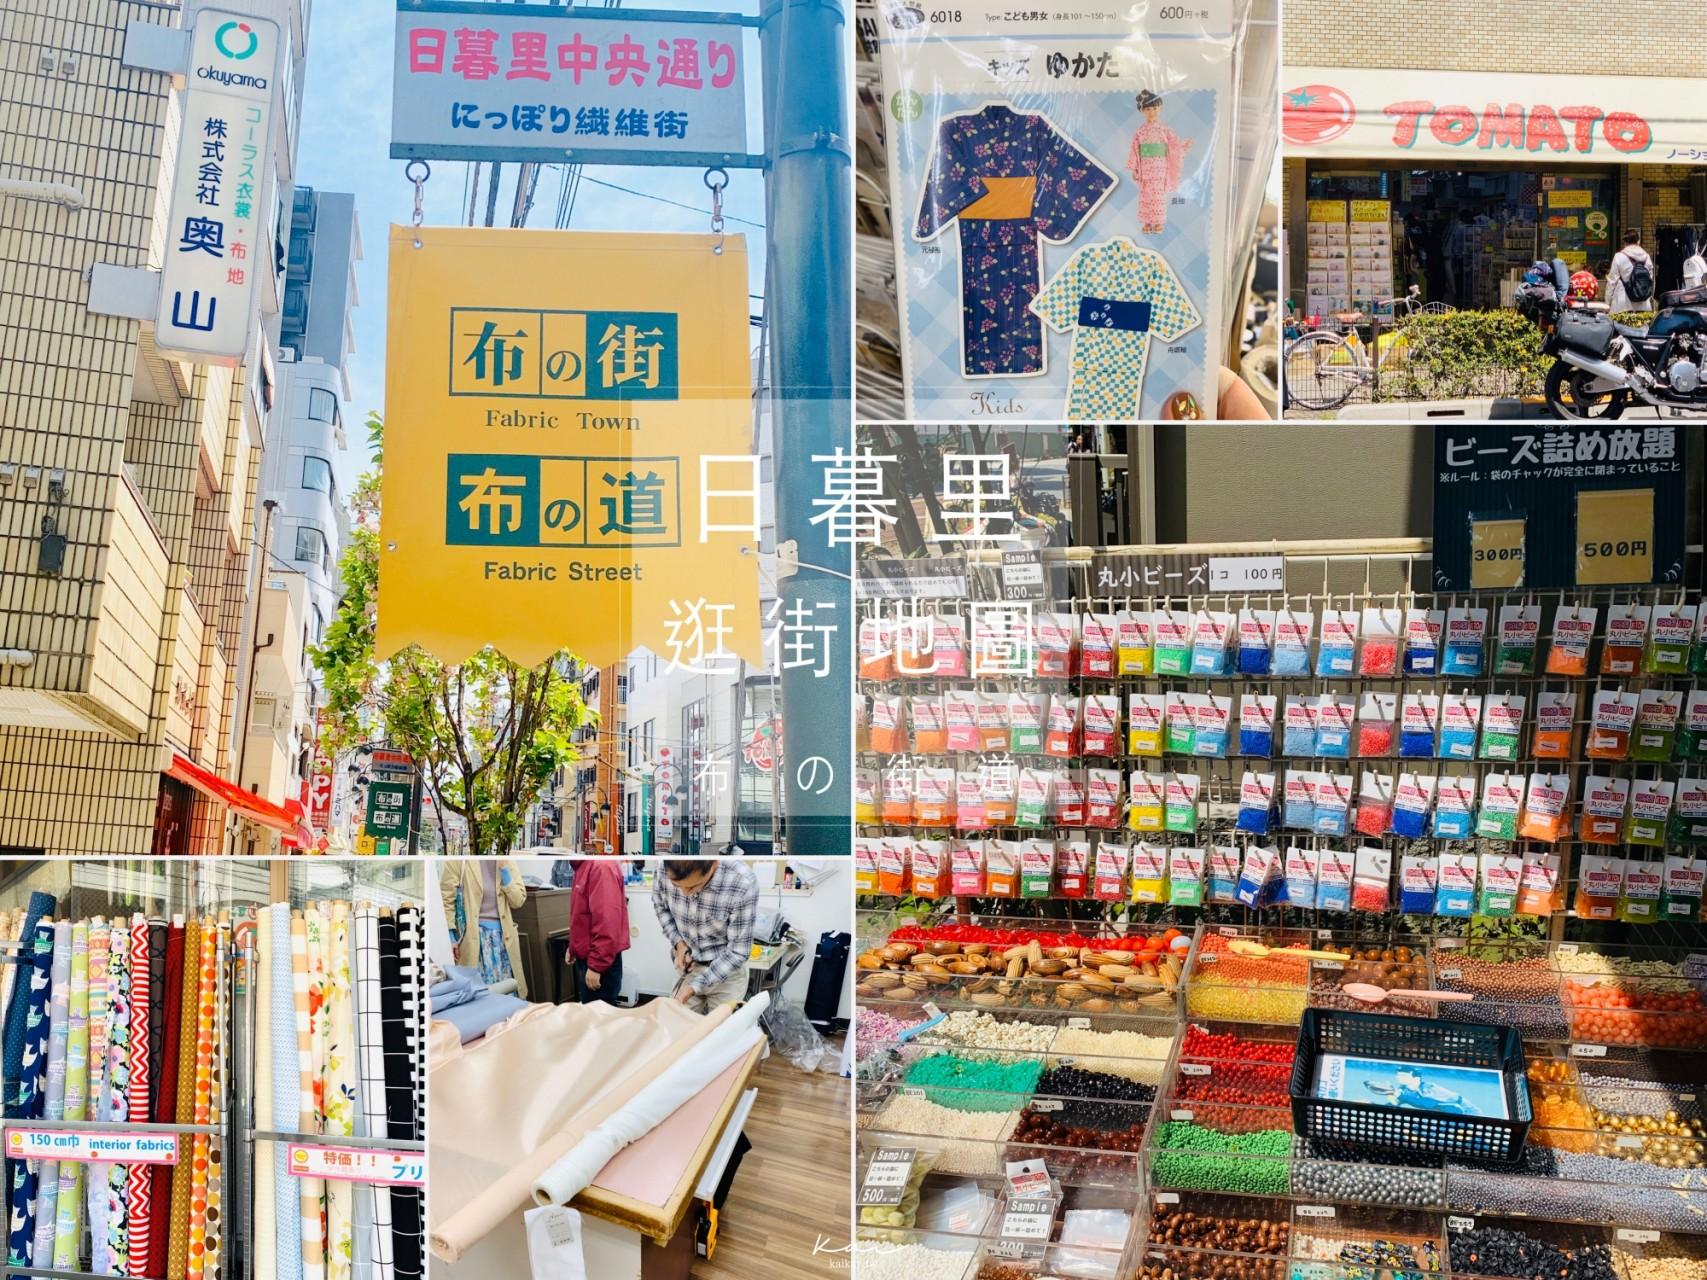 即時熱門文章:☆【2019。東京】第一次東京買布就上手!日暮里逛街地圖